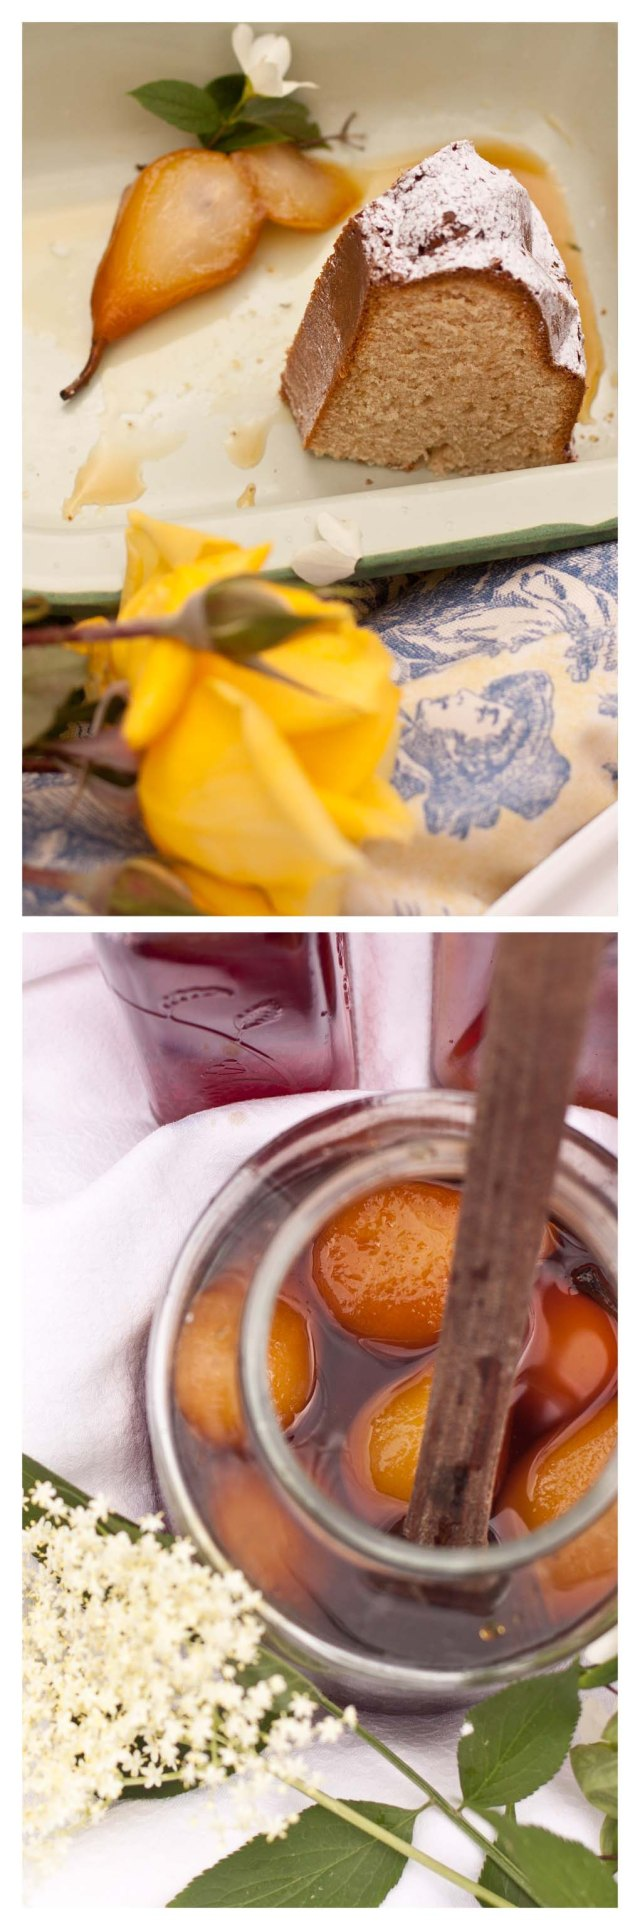 Bizcocho, flores de sauco y peras en almibar